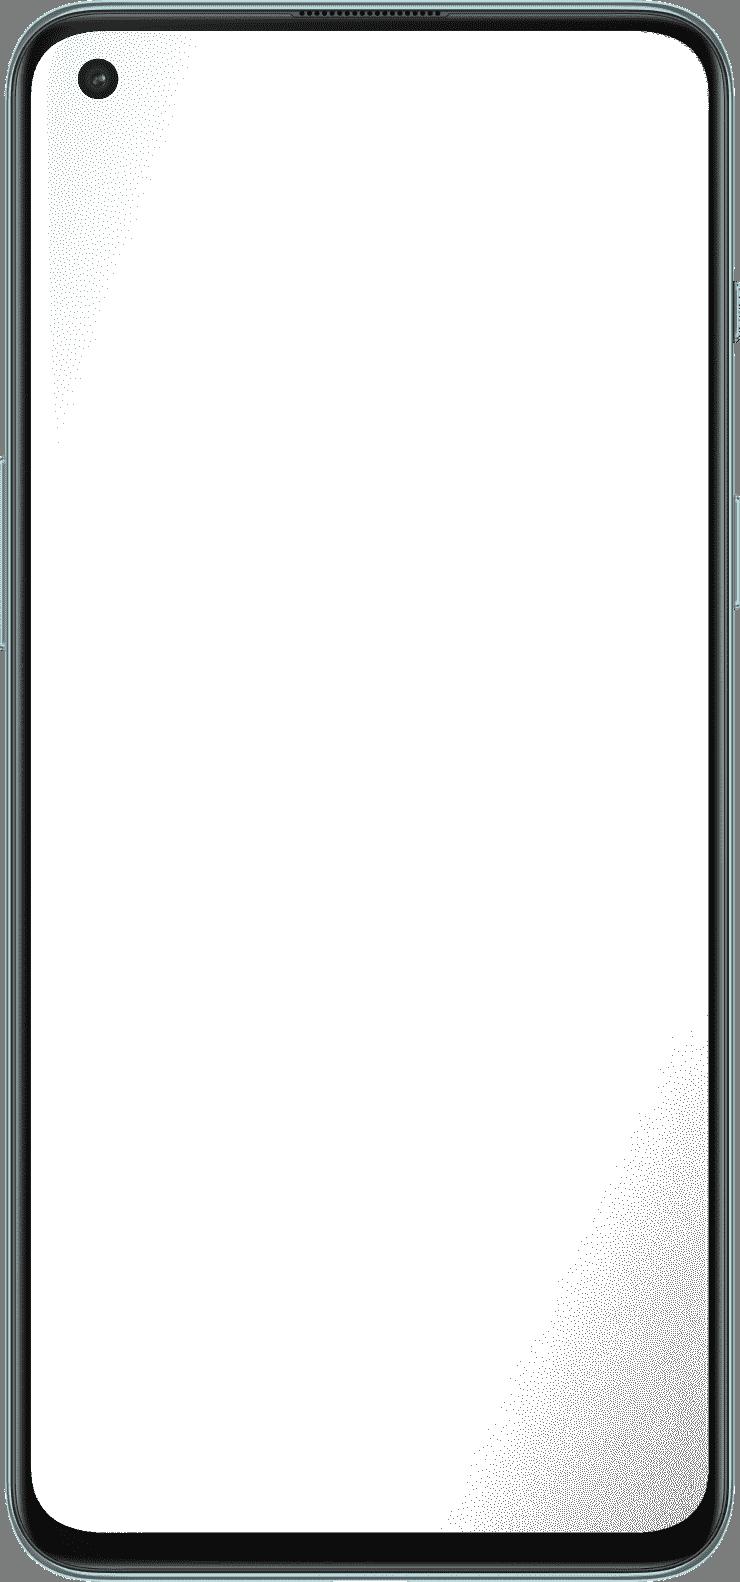 phone-border-db6d6a.png